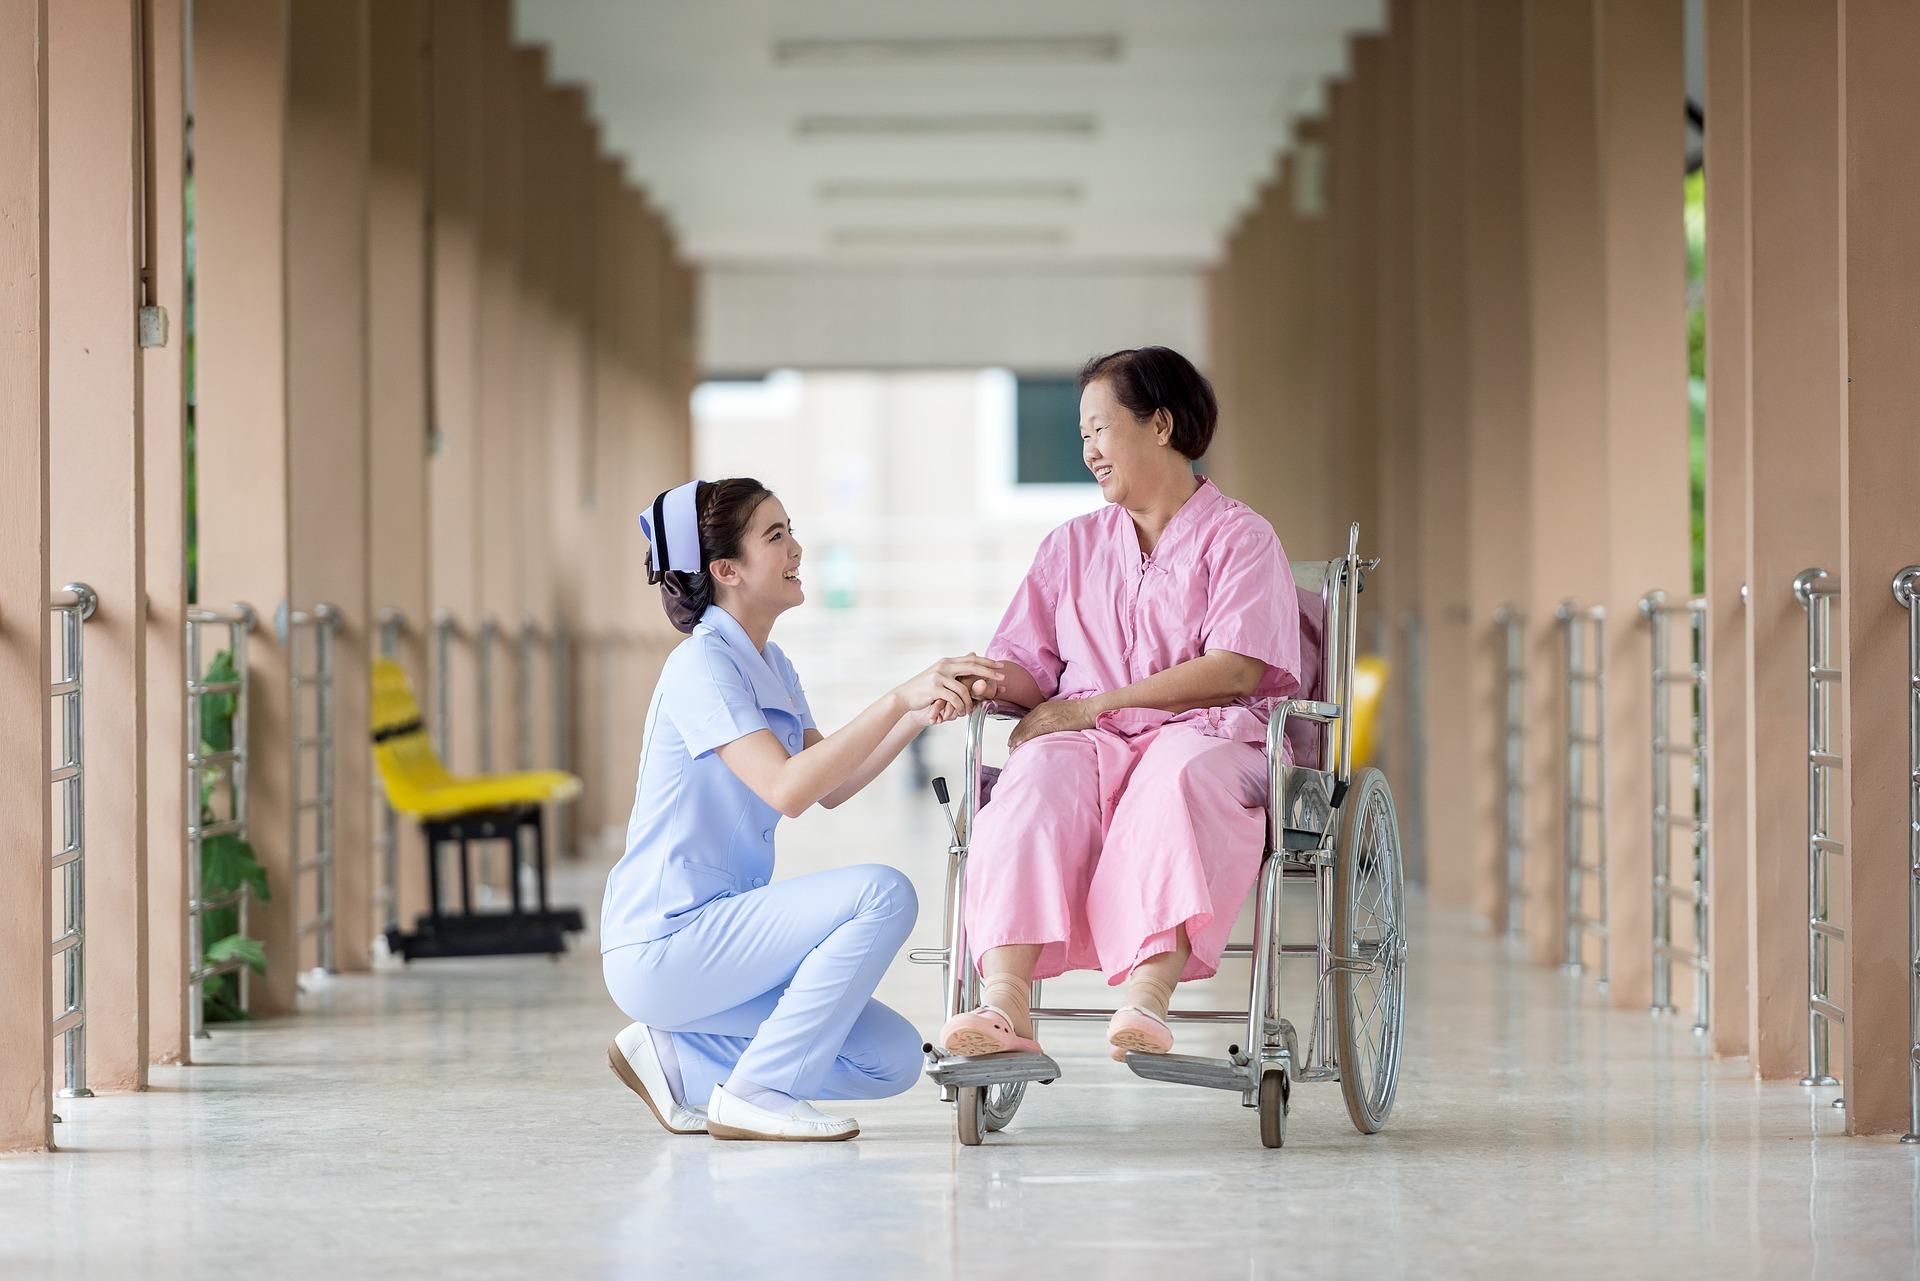 Hospitality: Entertaining or Healing?